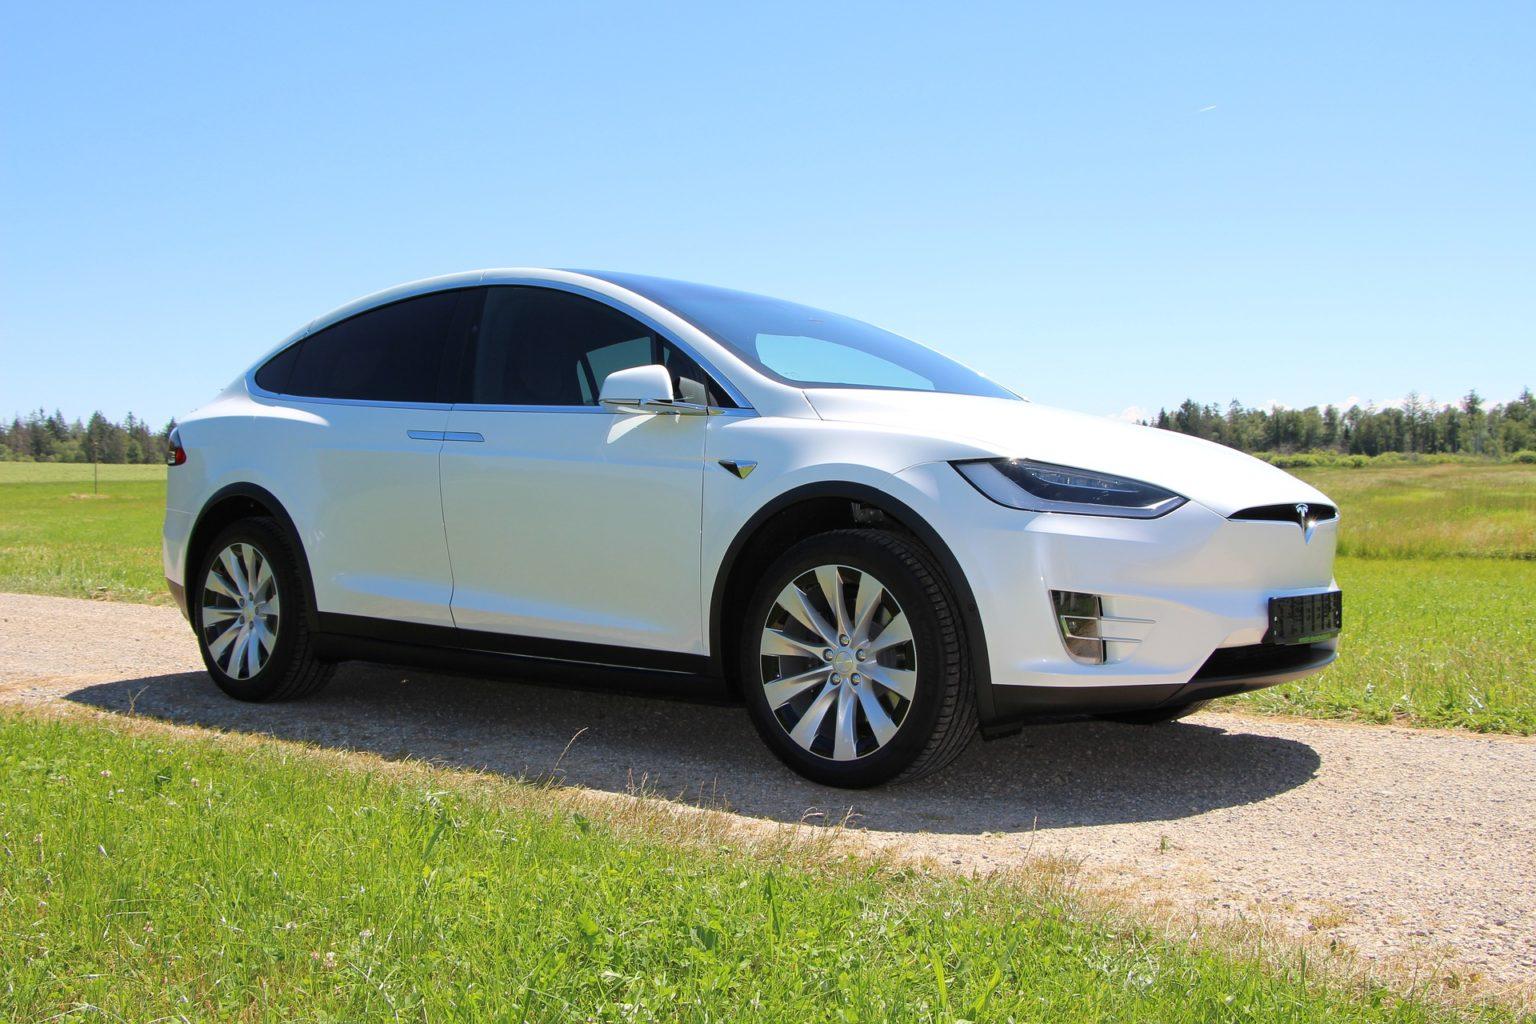 2021 年電動汽車會發生什麼?